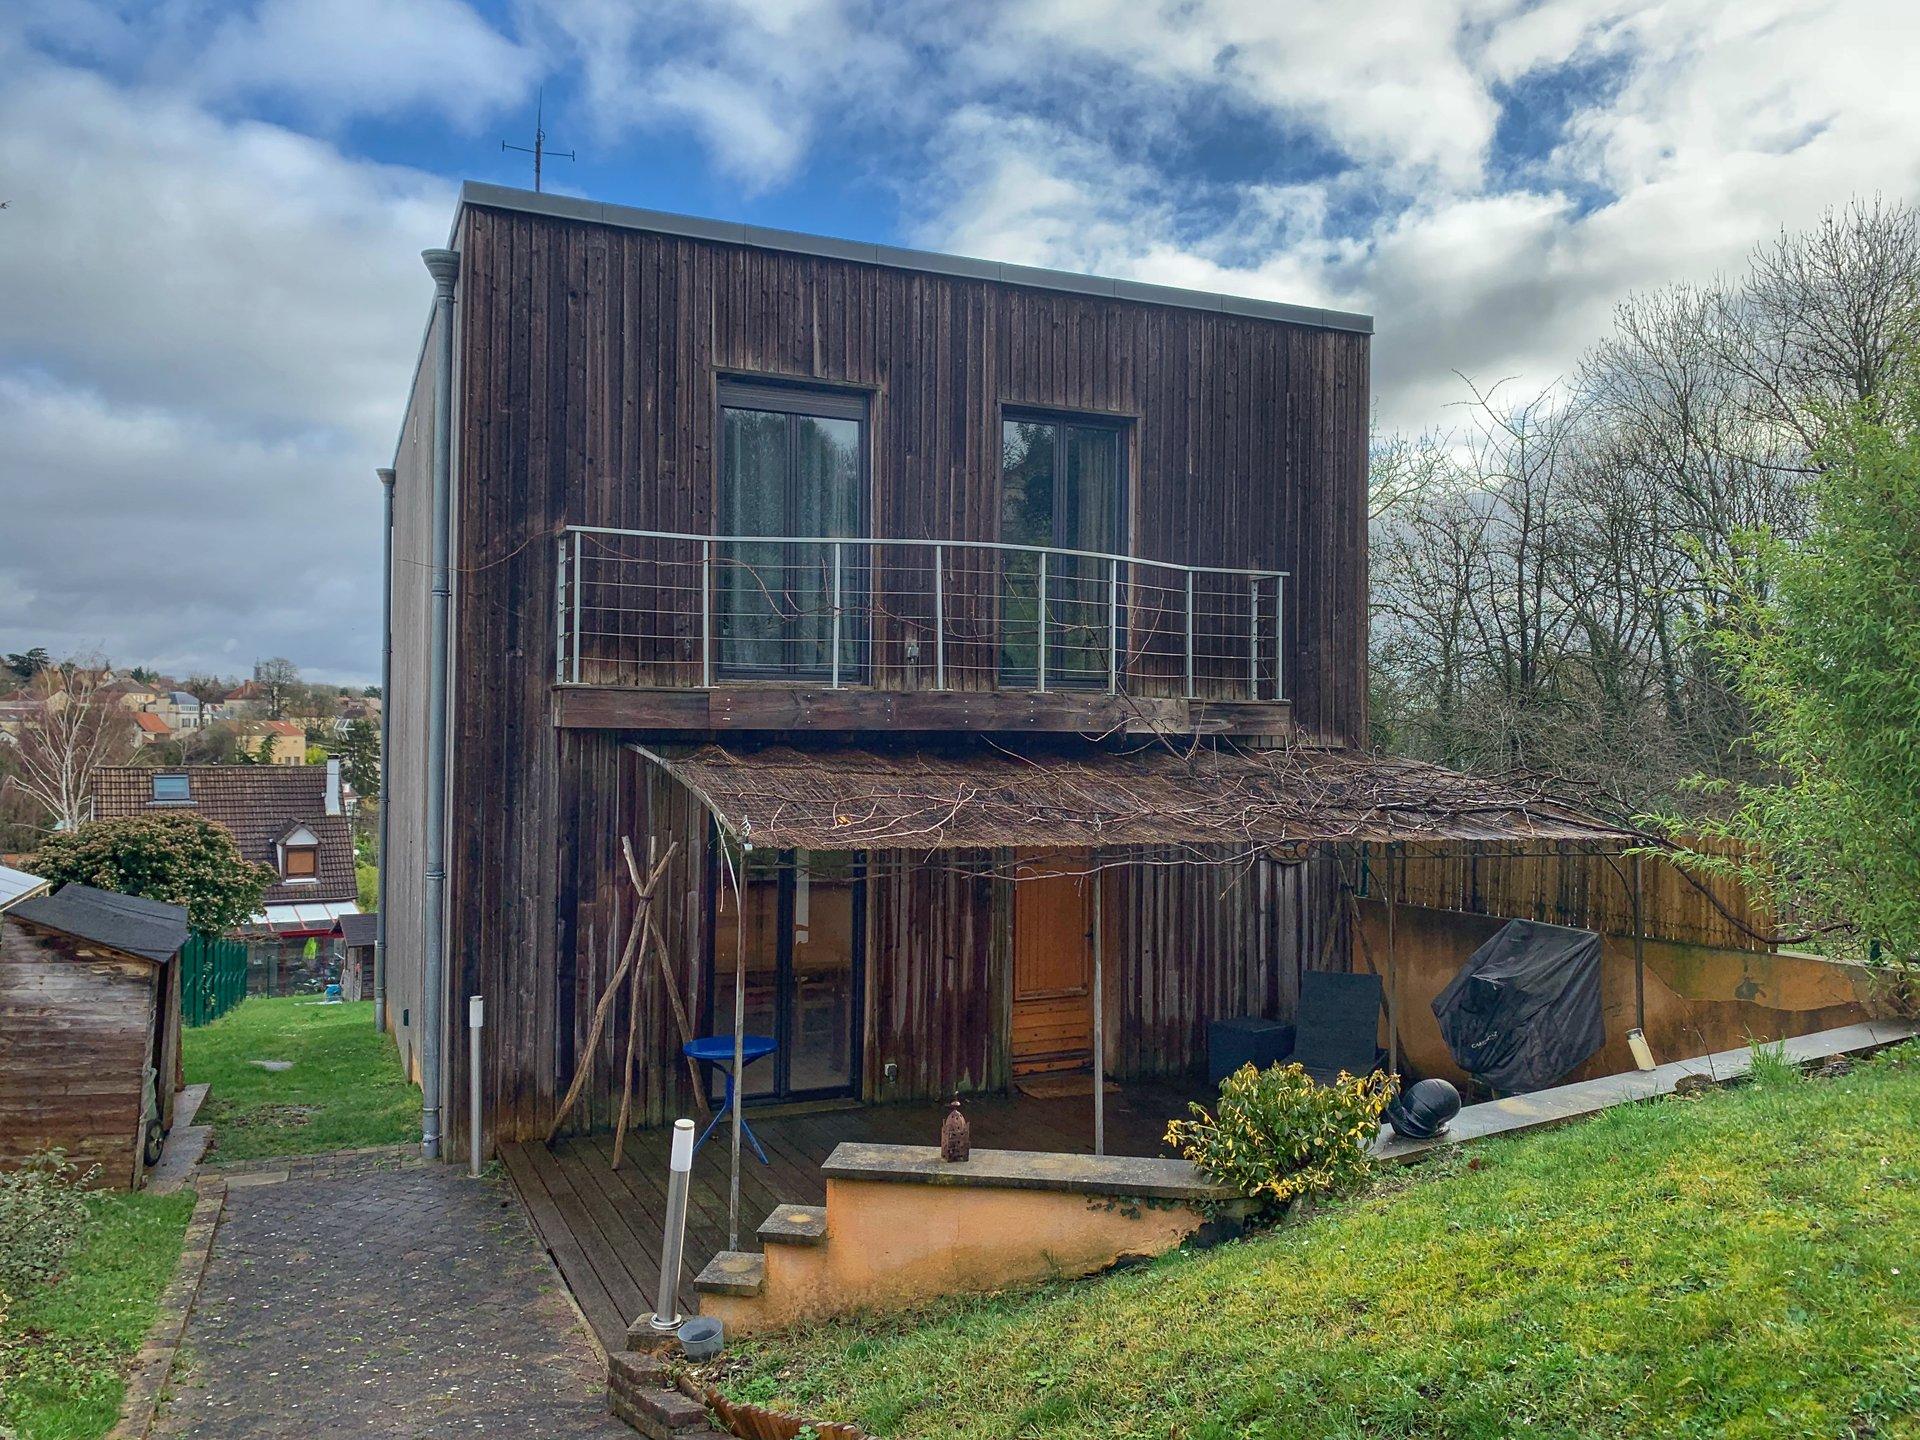 Maison d'architecte bois sur les hauteurs - 172 m² - Mézy-sur-Seine